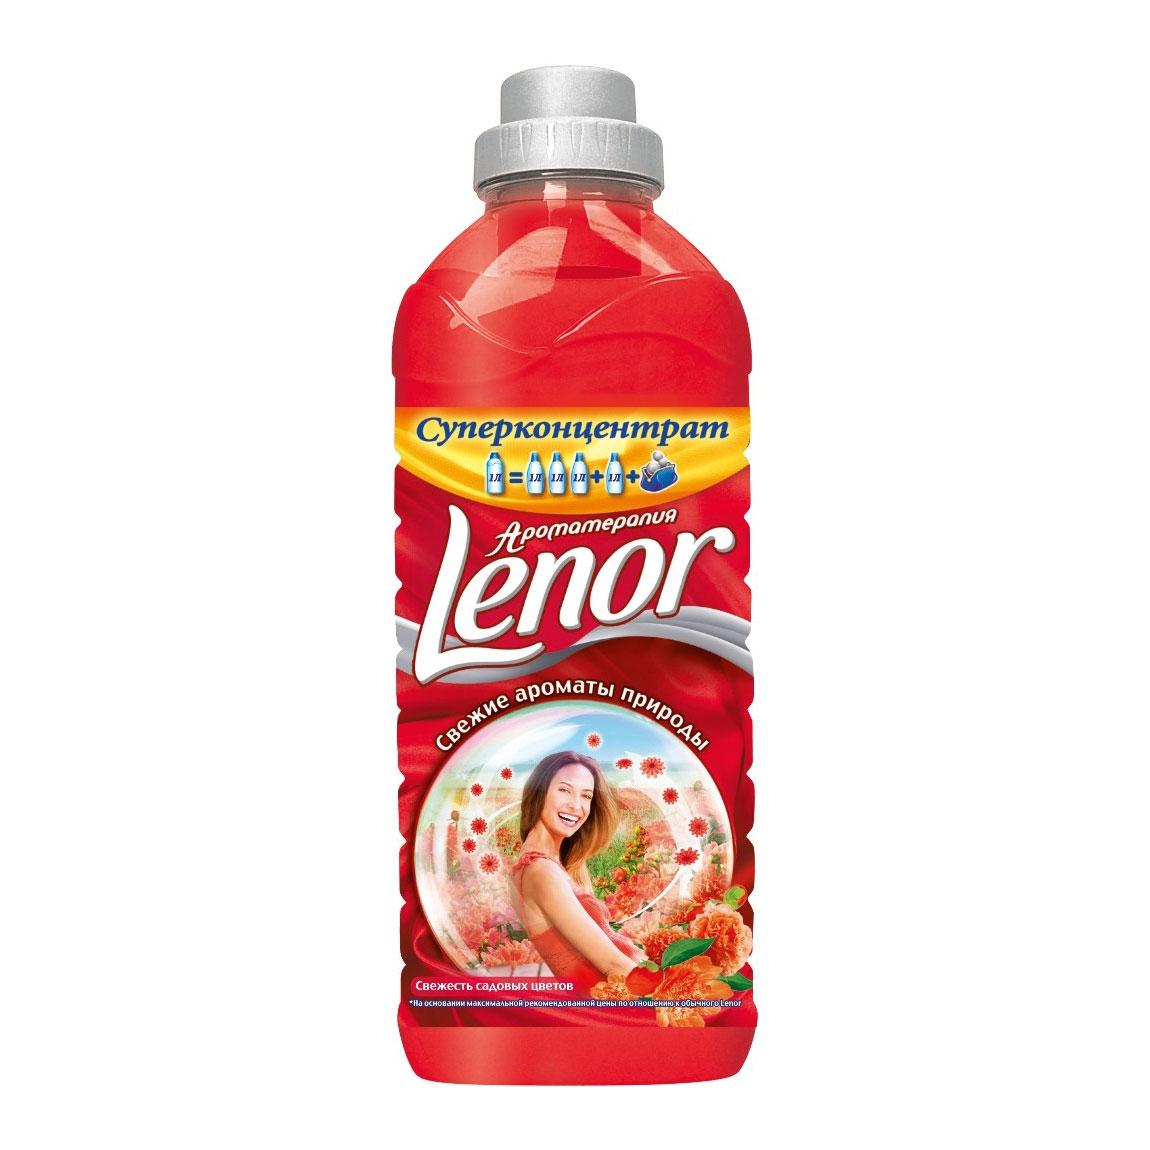 ����������� ��� ����� LENOR (�����������������) 1 � �������� ������� ������